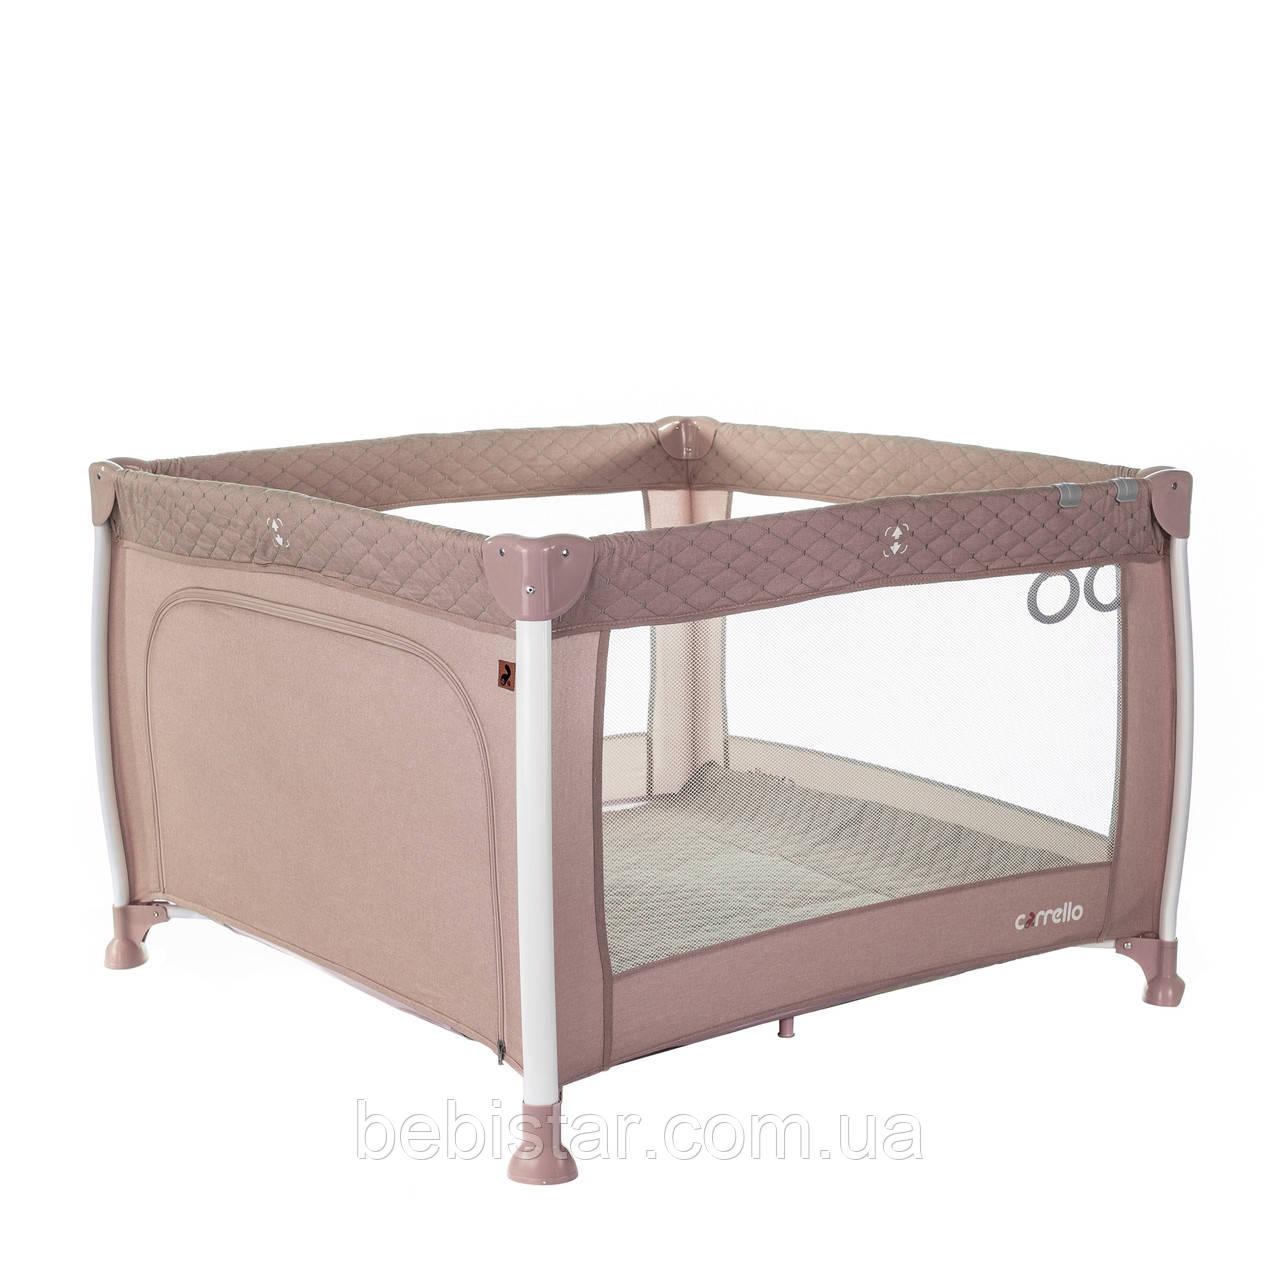 Детский манеж розовый Carrello Cubo прицепные кольца сумка матрасик дверца на молнии рождения до 3-х лет